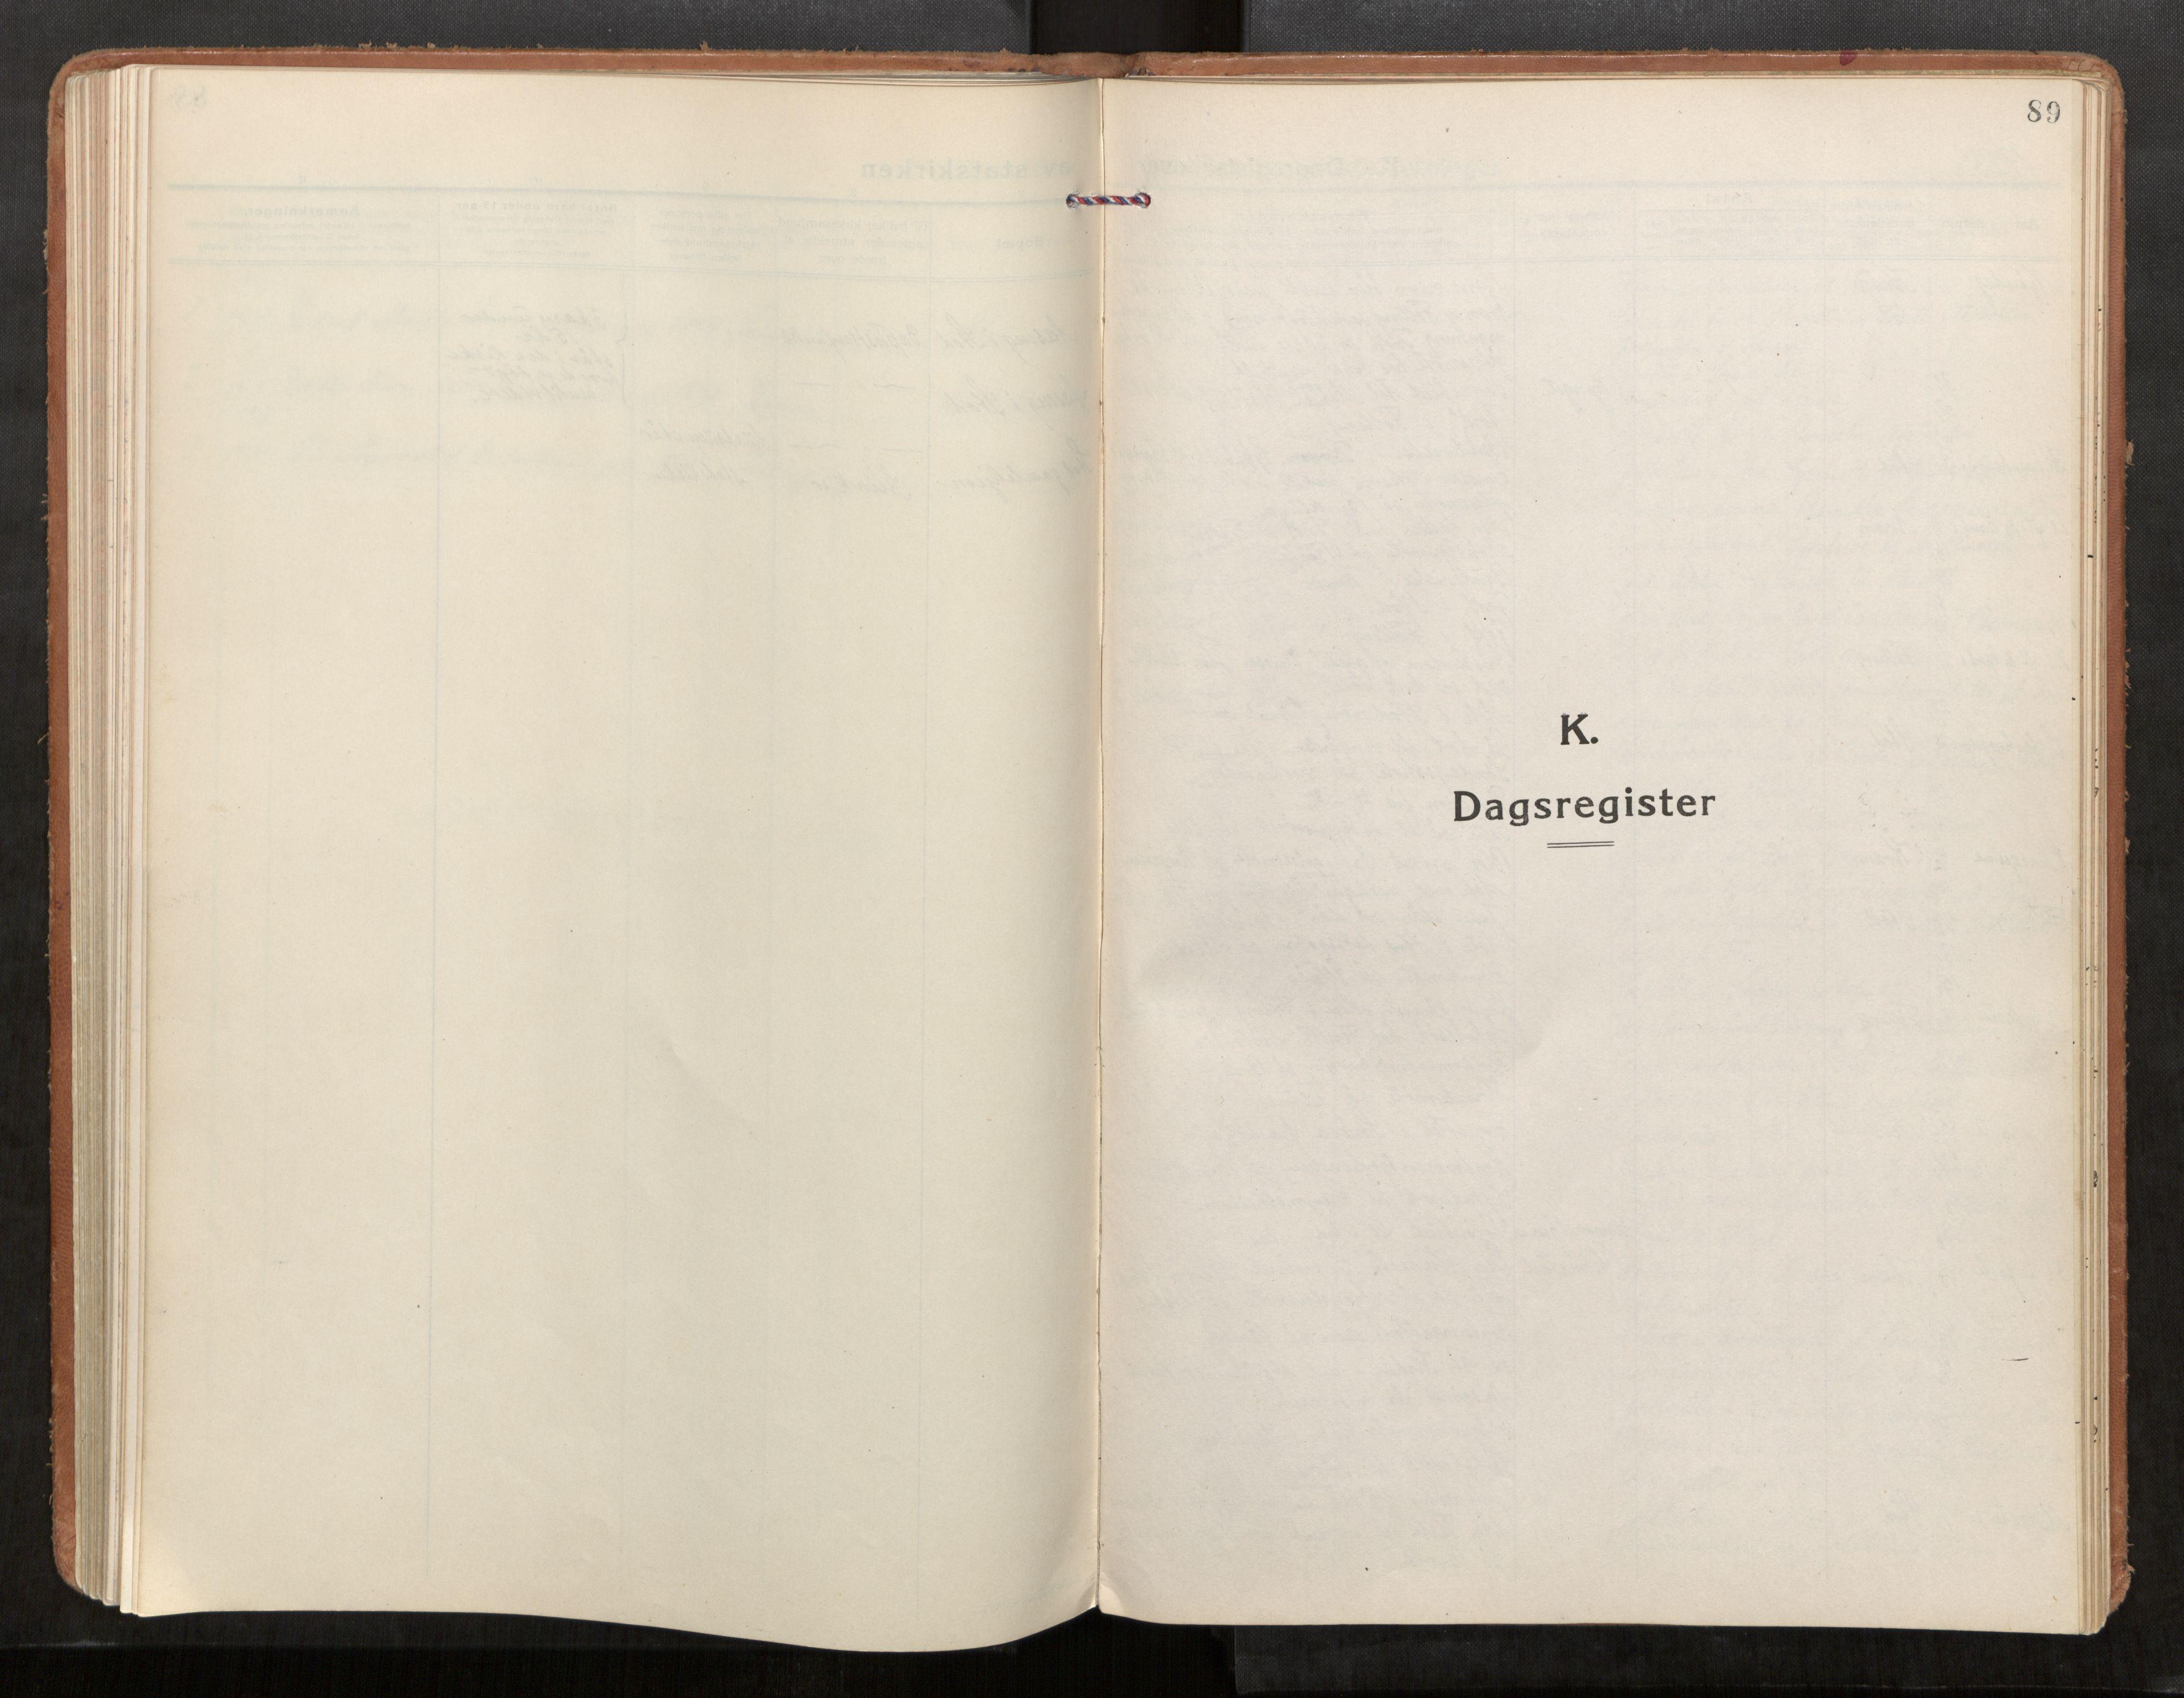 SAT, Stod sokneprestkontor, I/I1/I1a/L0005: Parish register (official) no. 5, 1923-1932, p. 89